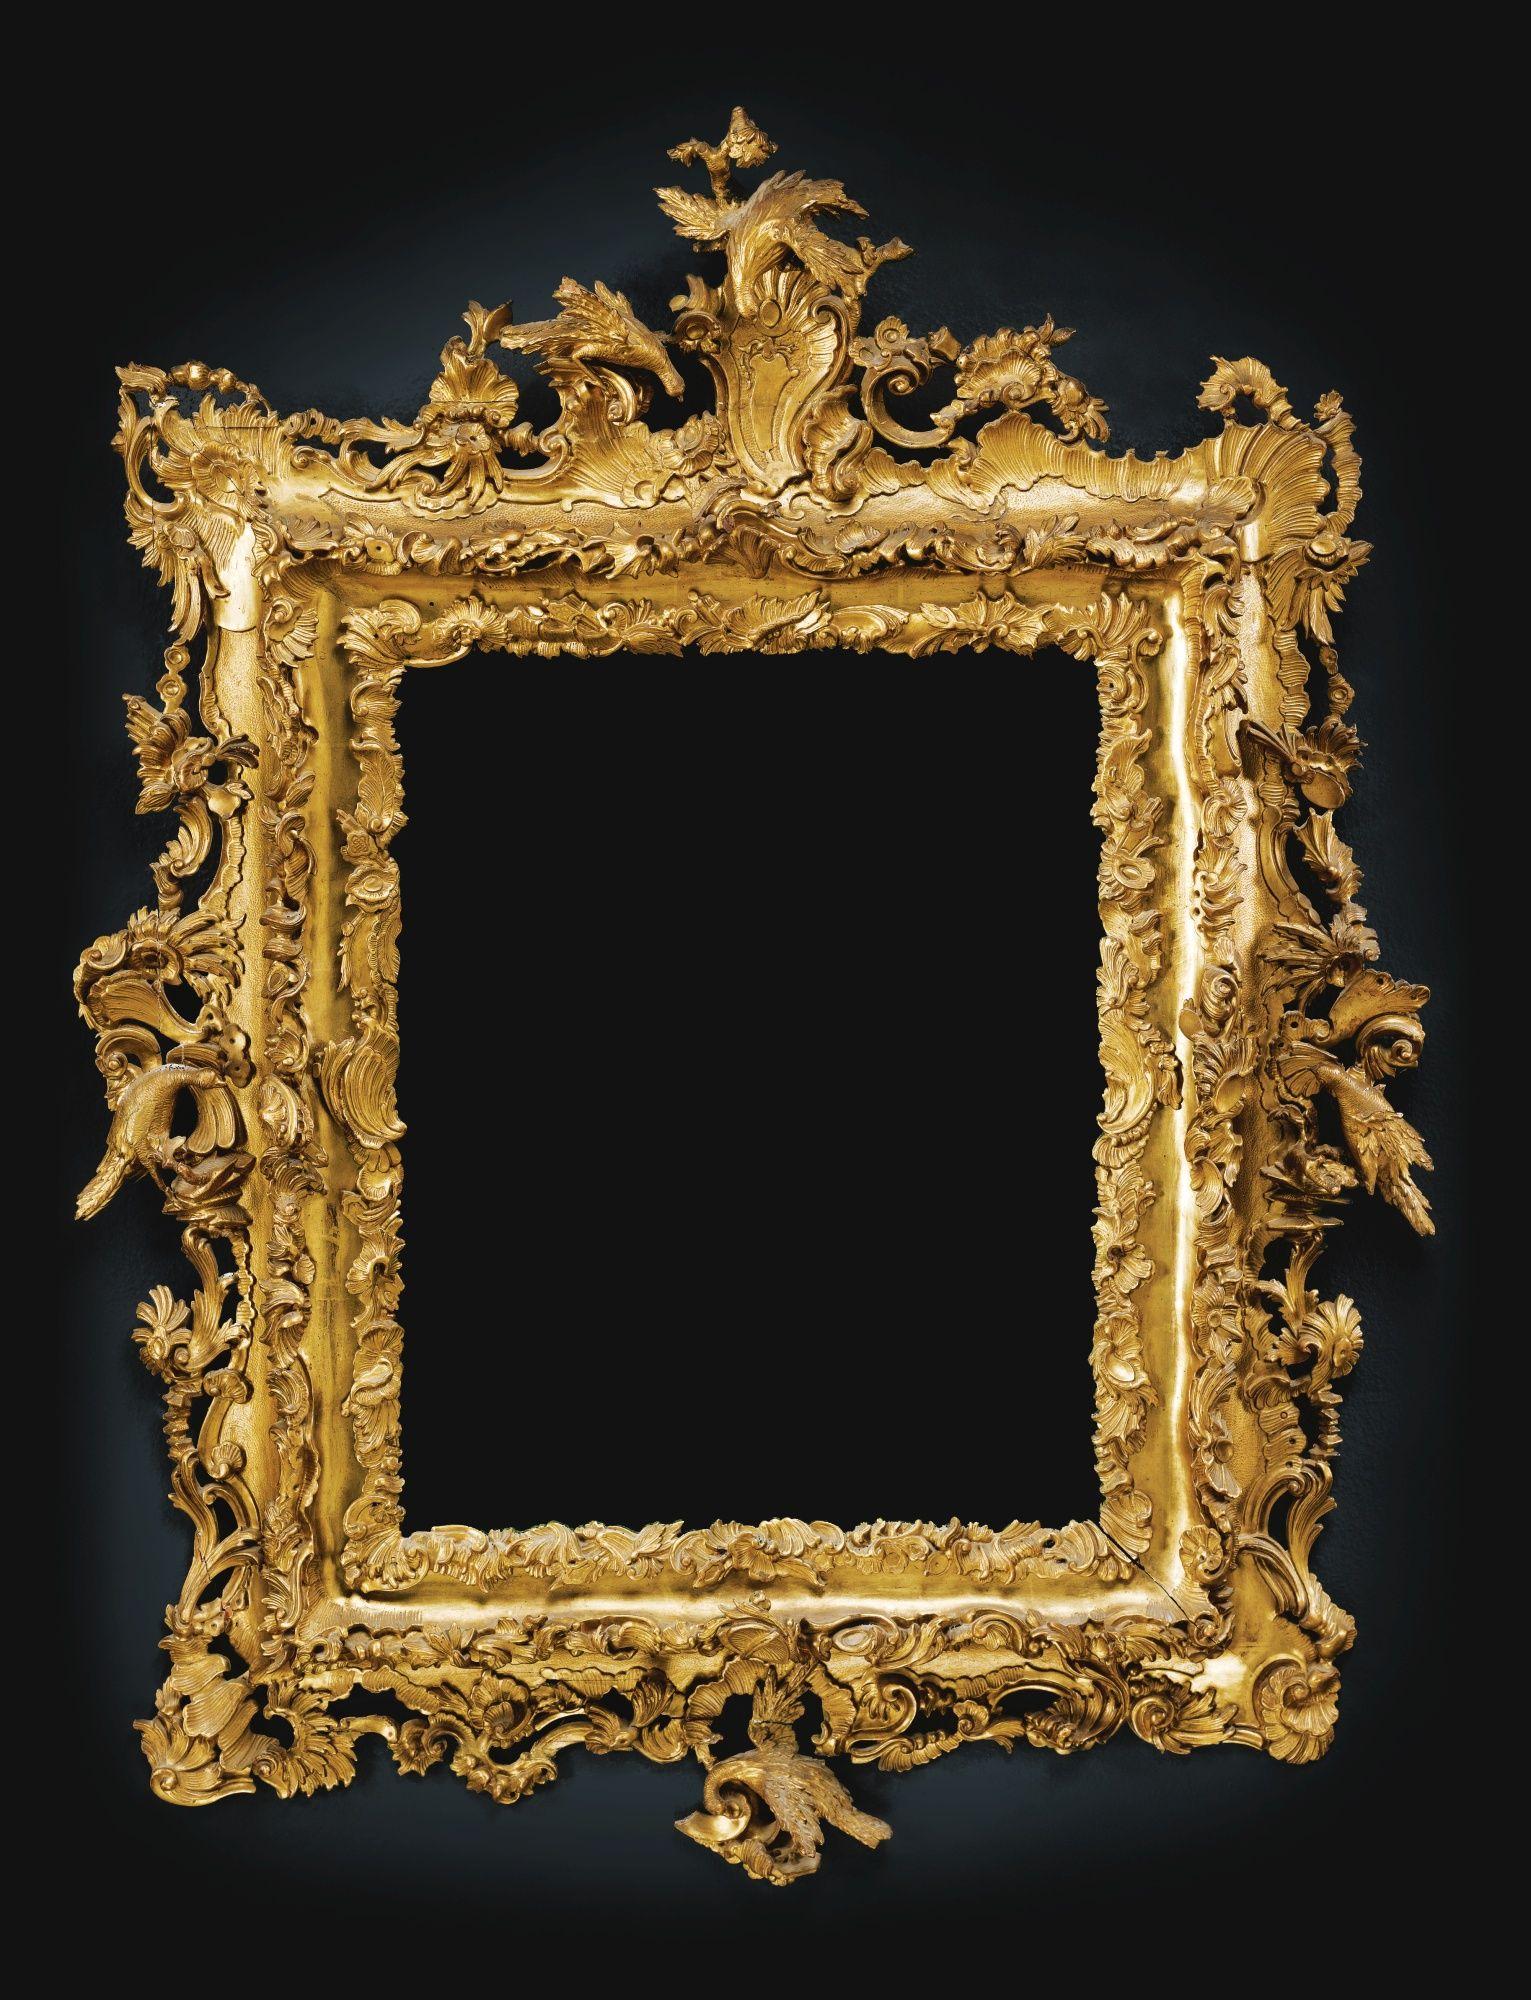 Un marco giltwood tallada Italiana, Venecia, alrededor del año 1770 ...